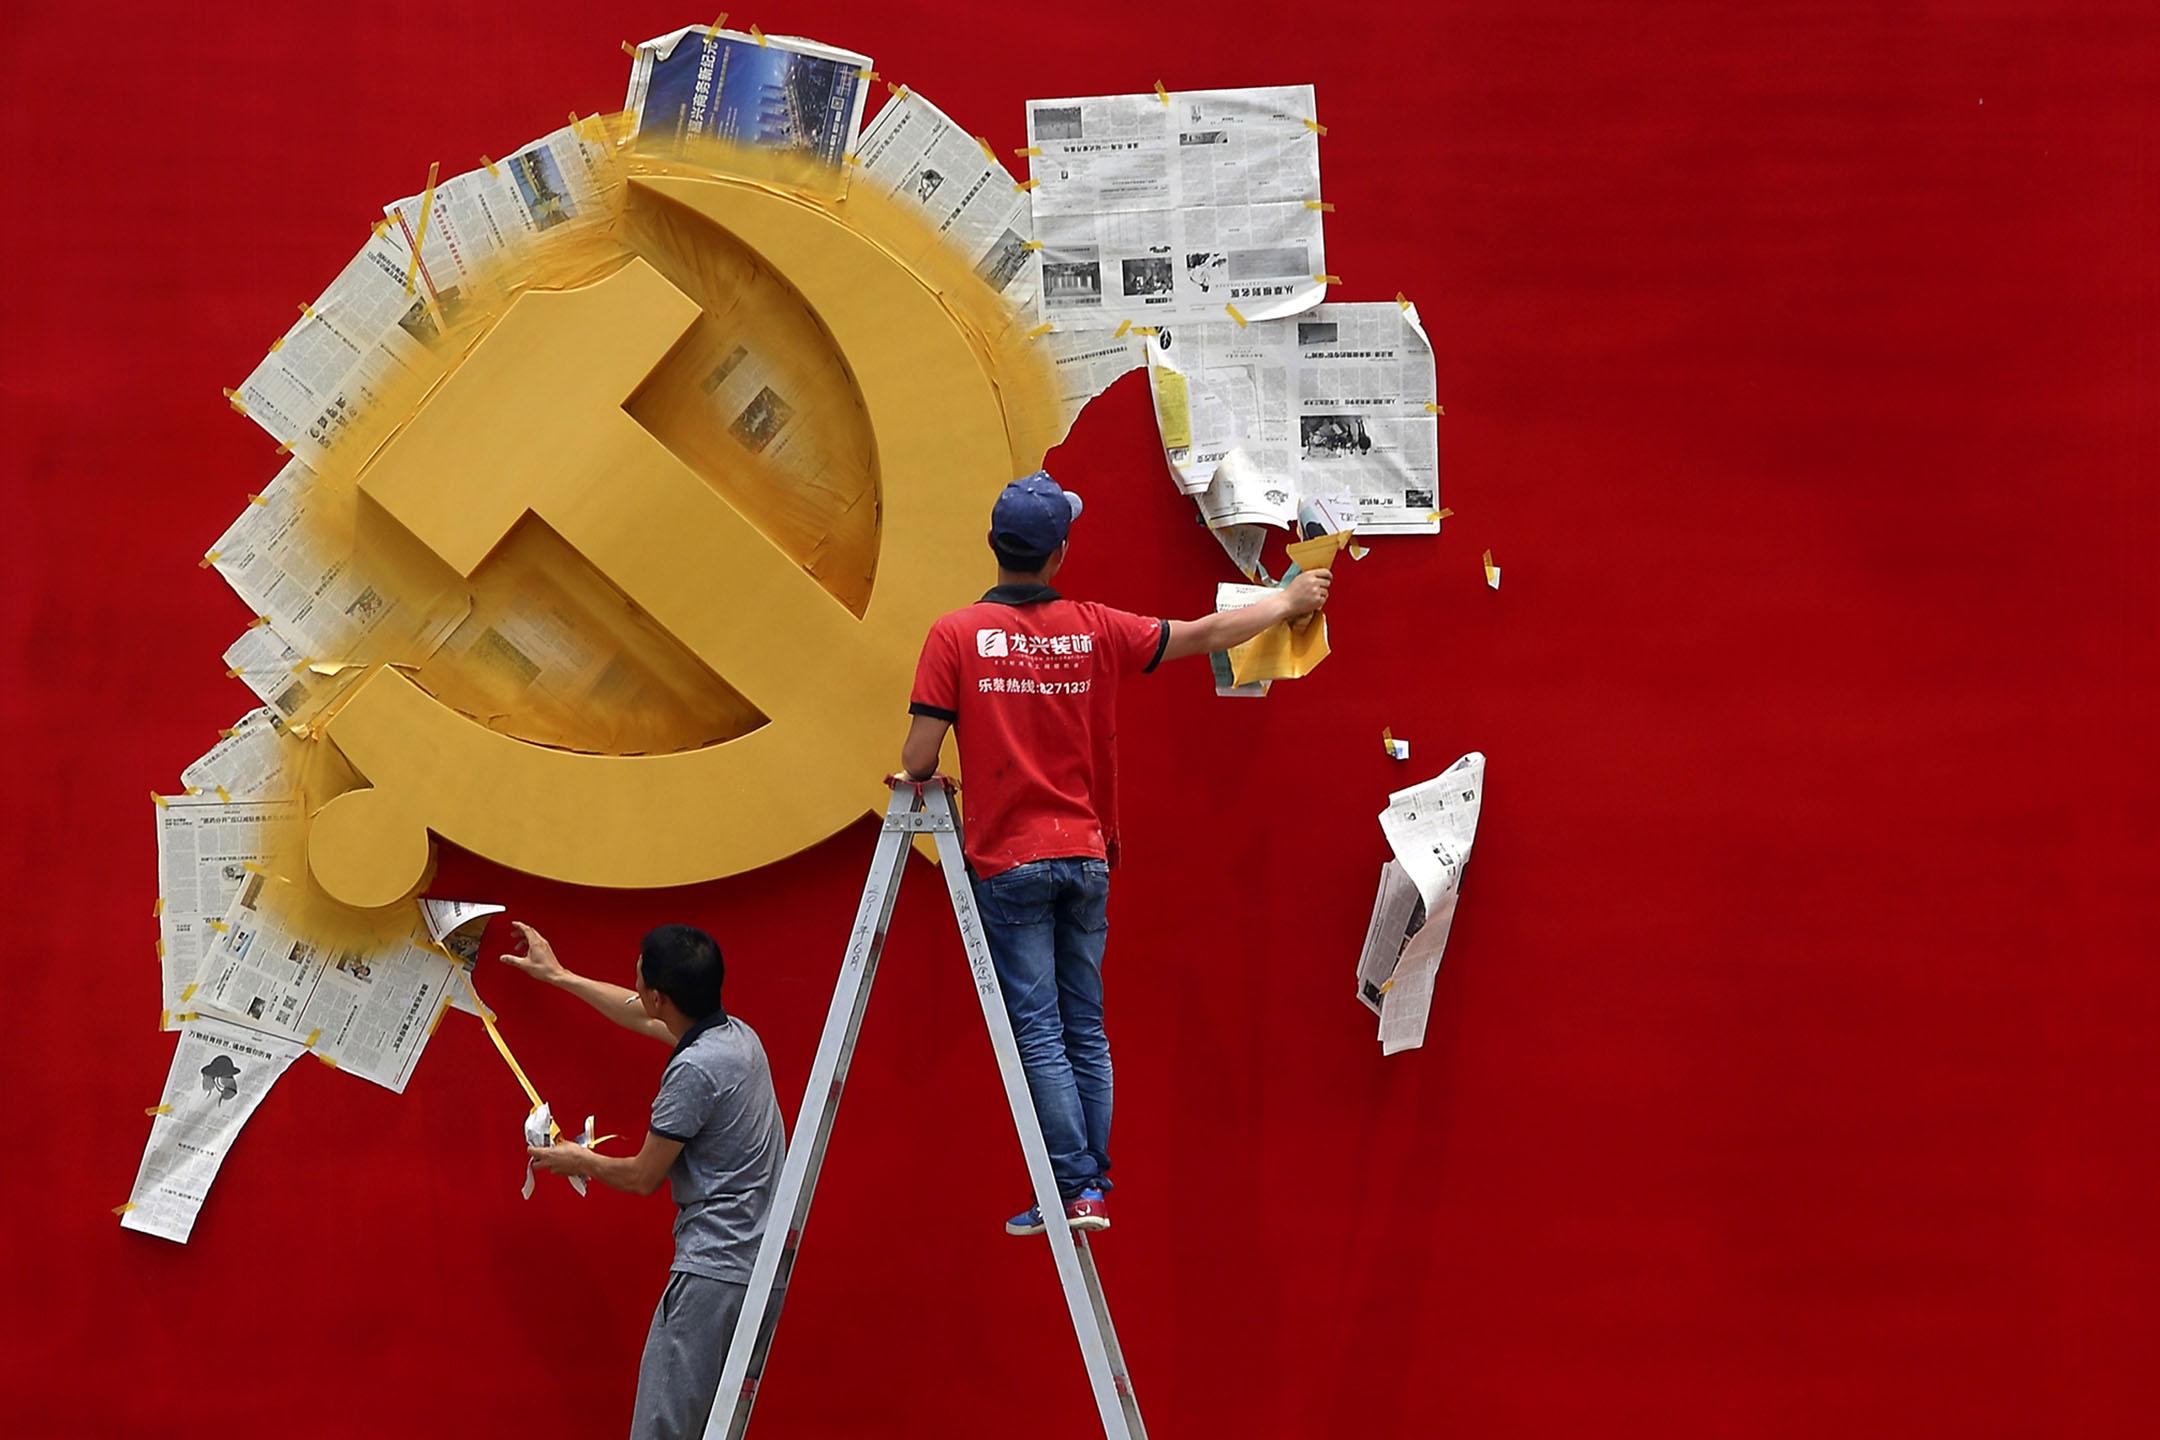 2014年5月21日浙江省嘉興市南湖革命紀念館,工人在革命紀念館塗上中國共產黨黨旗。 攝:Chance Chan/Reuters/達志影像